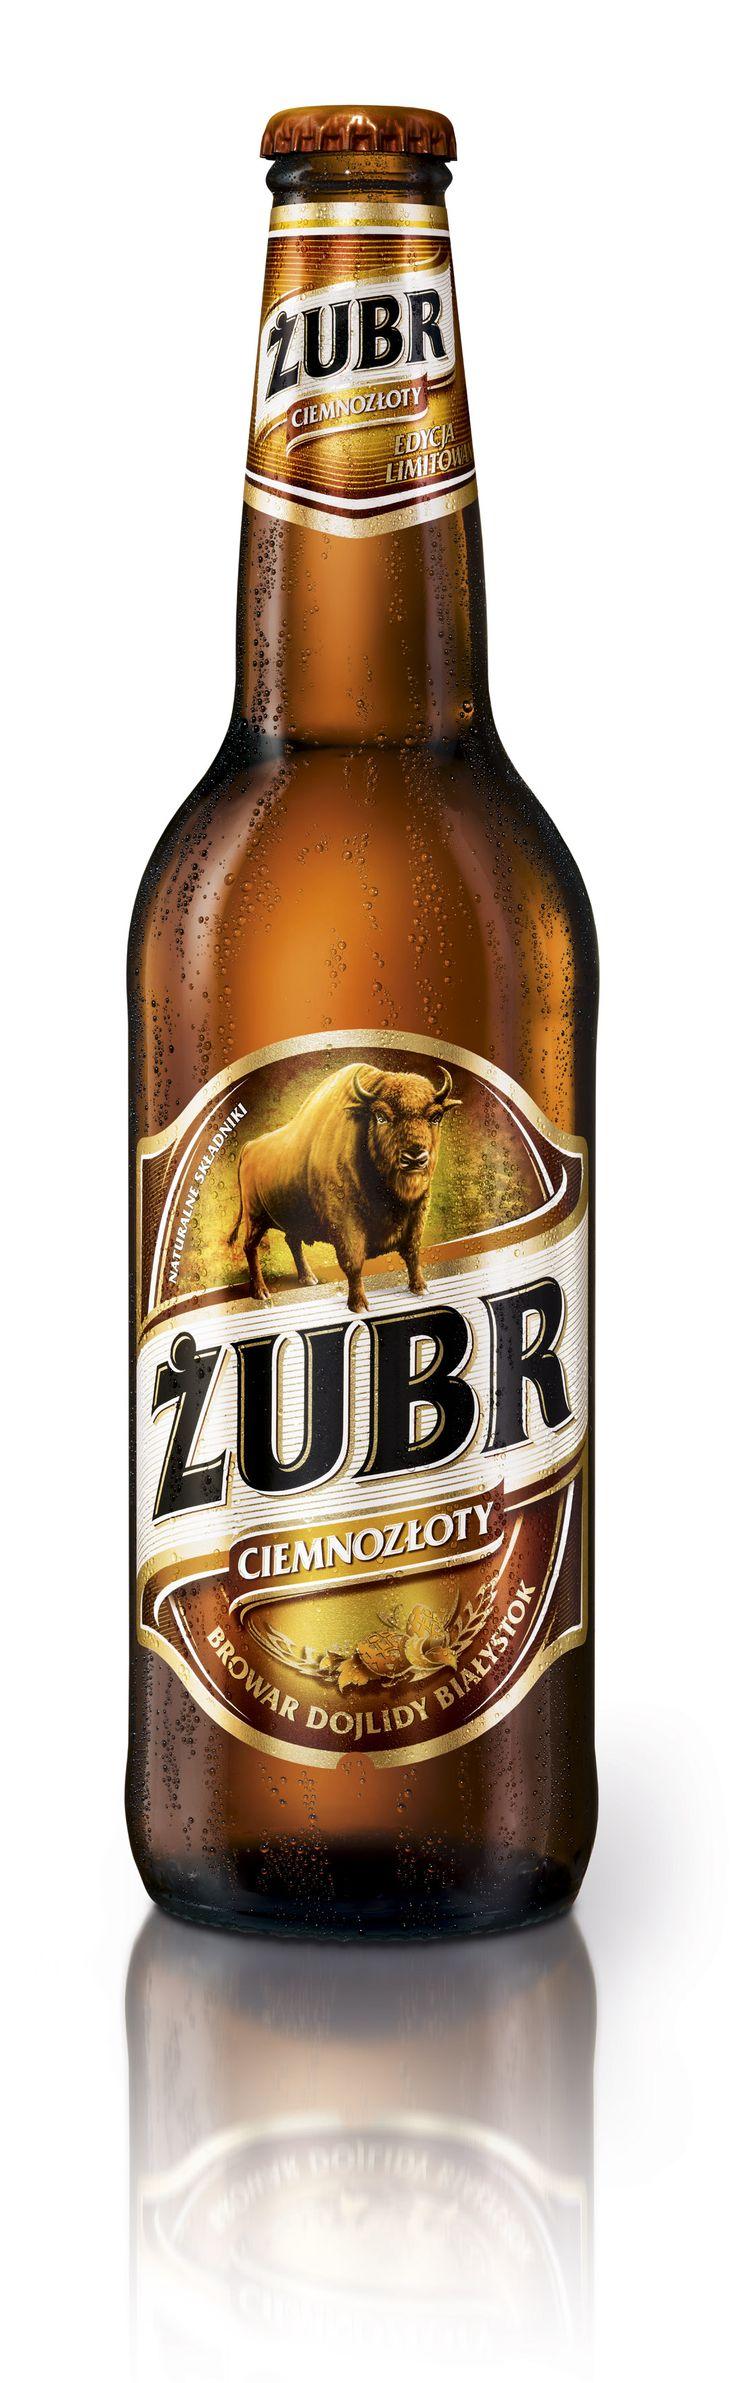 ZUBR  #craftbeer #beer